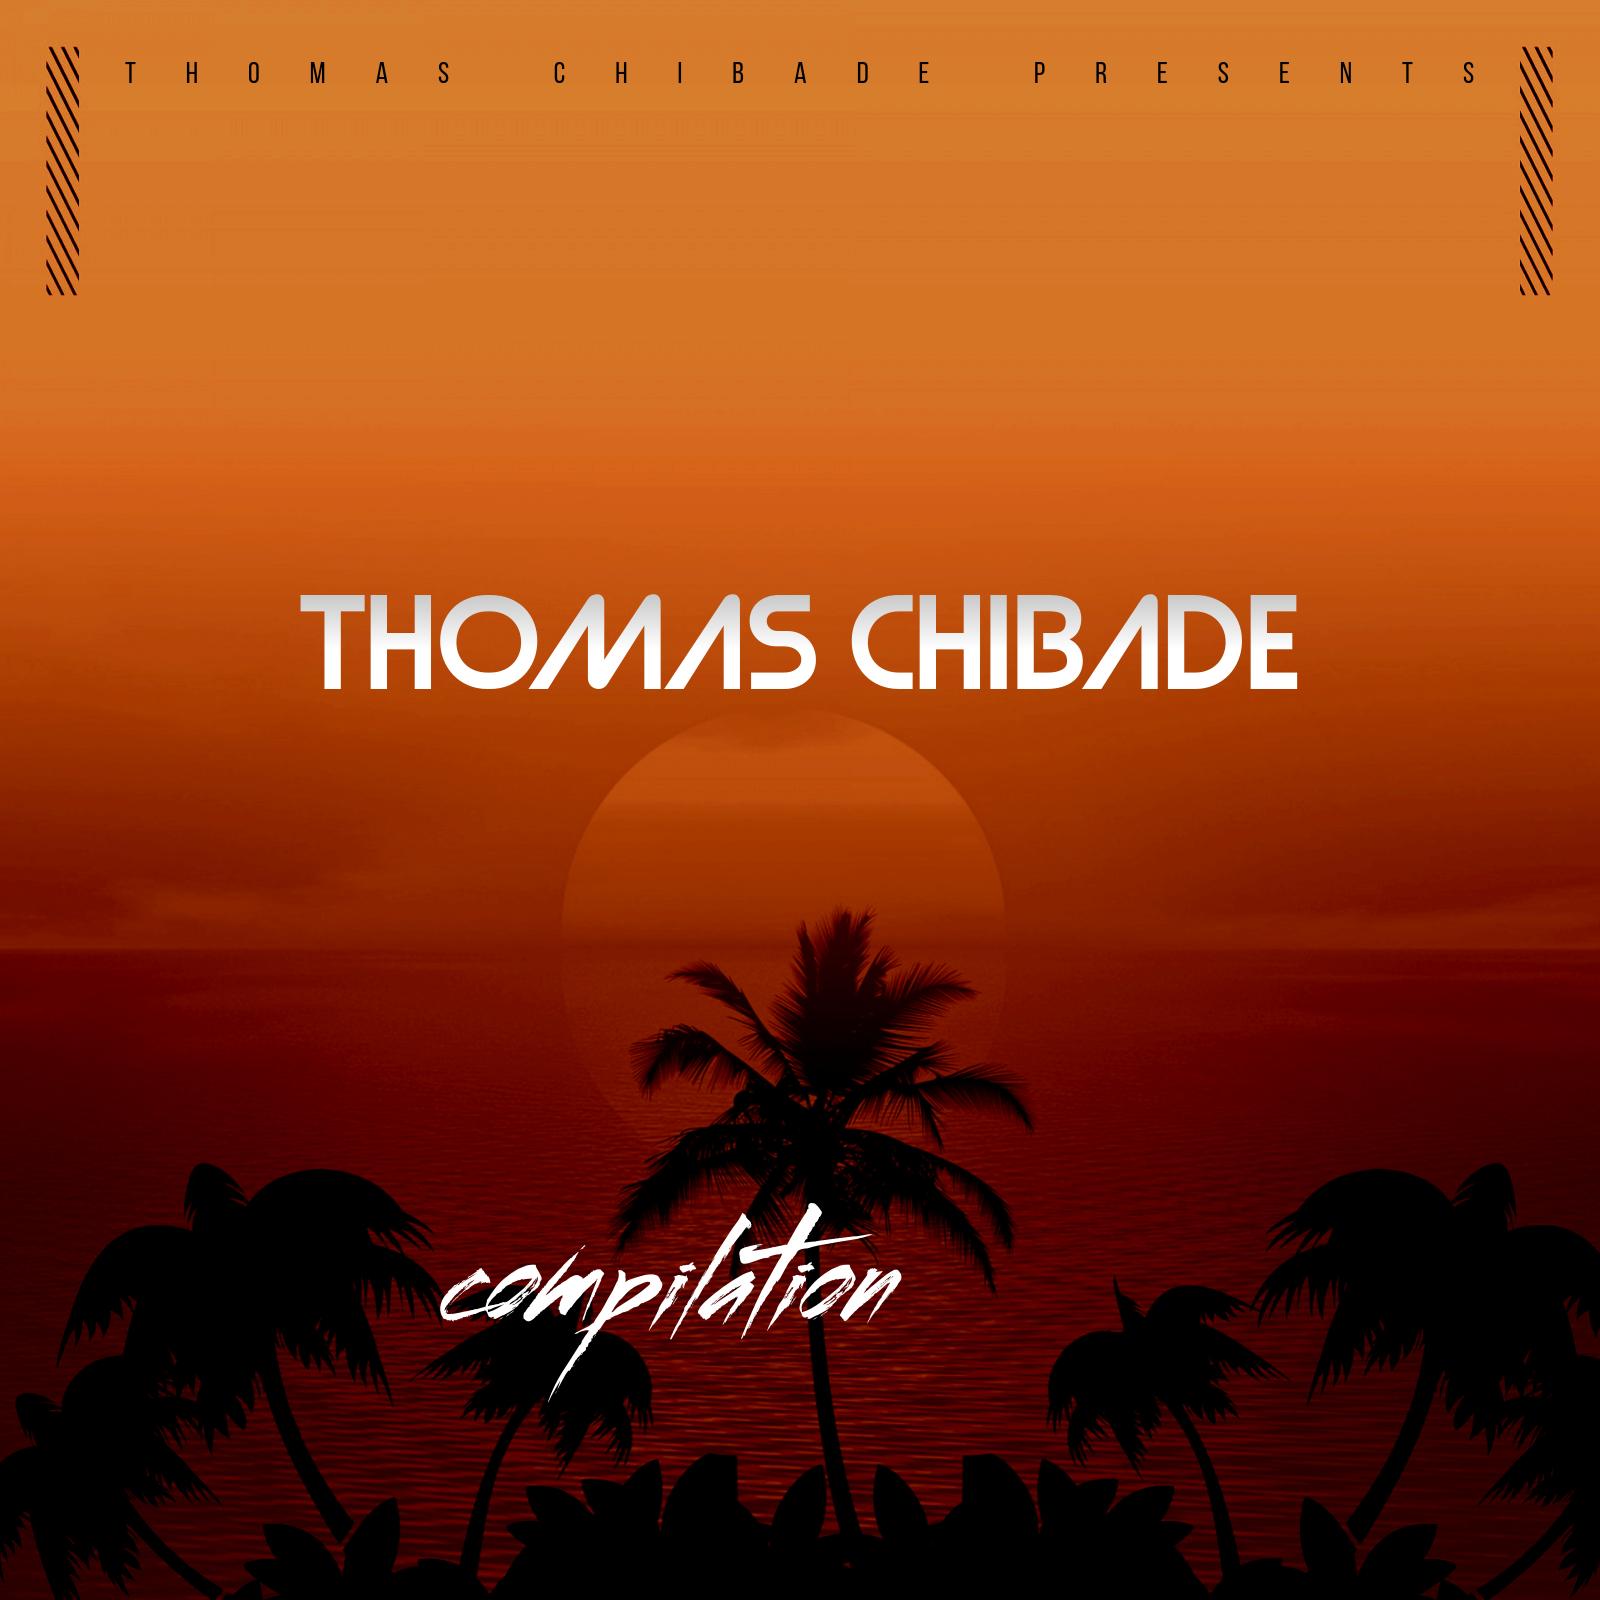 Thomas Chibade